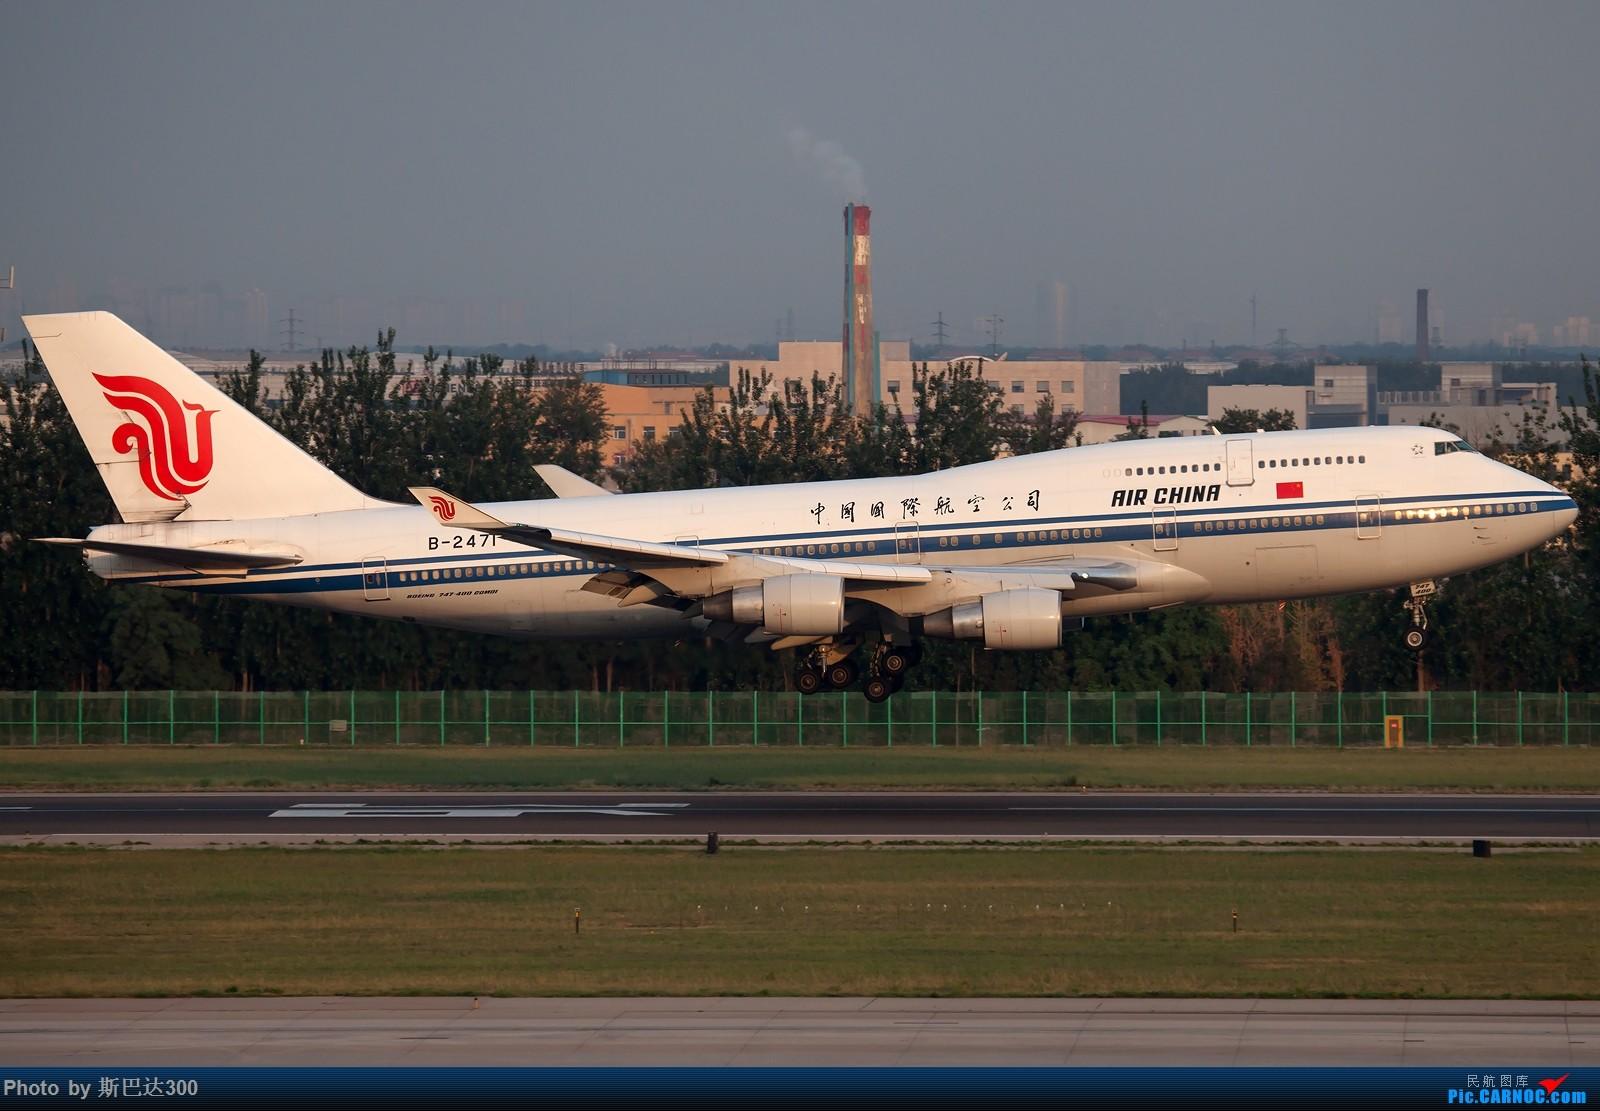 Re:[原创]1600 杂图一组 BOEING 747-400 B-2471 中国北京首都国际机场